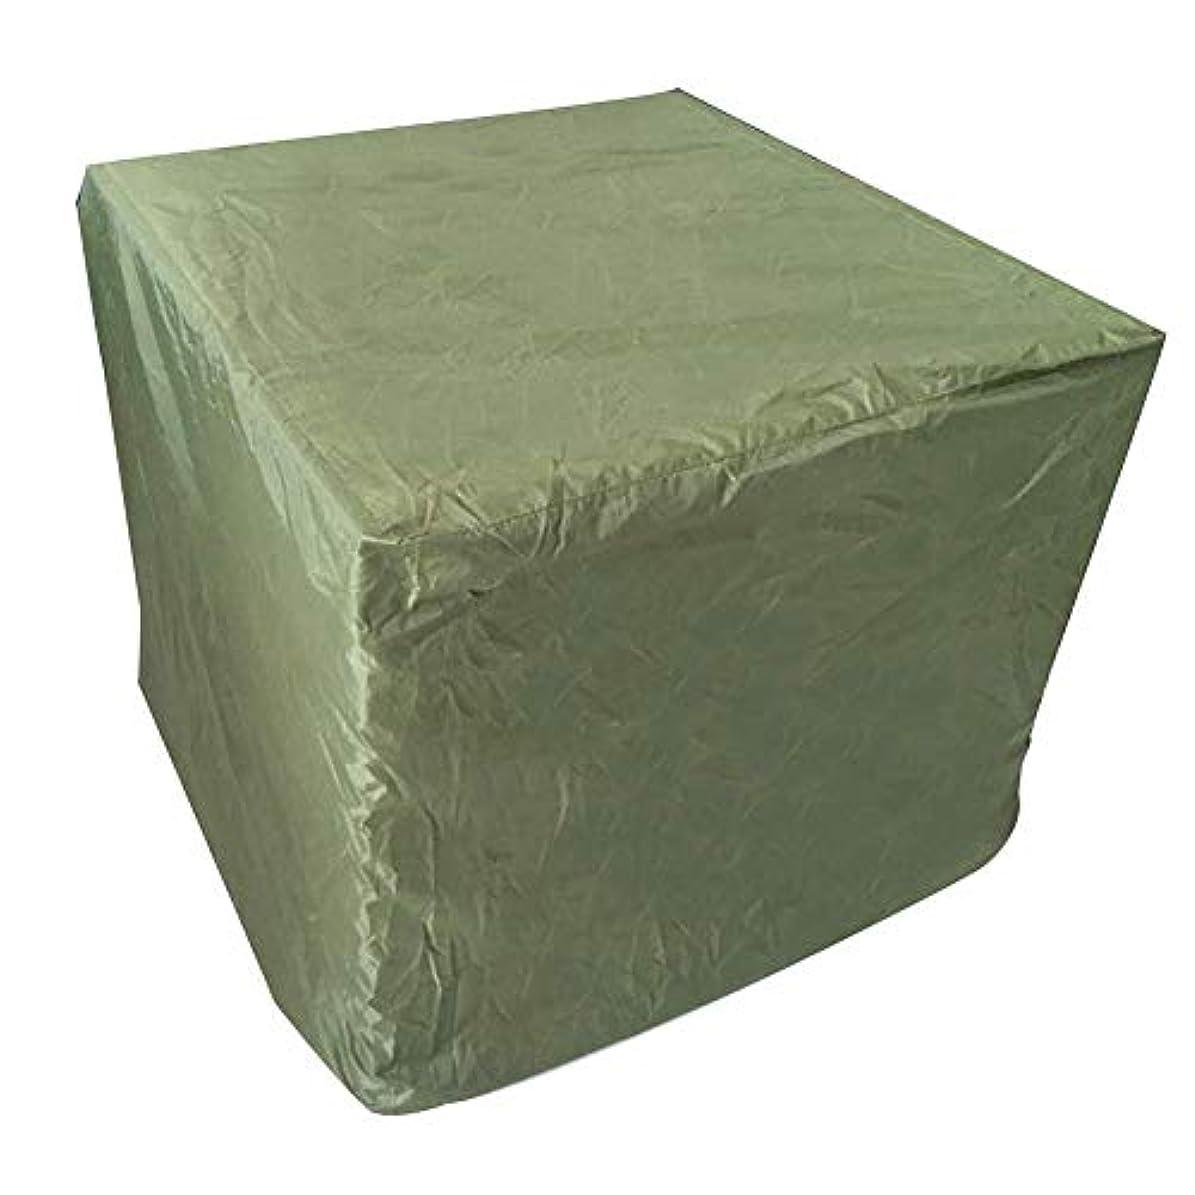 おじいちゃん母音散歩に行くZEMIN ターポリンタープ 庭園 家具 カバー 屋外 屋内 形状 ターポリン 耐寒性 防塵 210D オックスフォード布、 カスタマイズ可能、 6サイズ (色 : Green, サイズ さいず : 210x193x97cm)